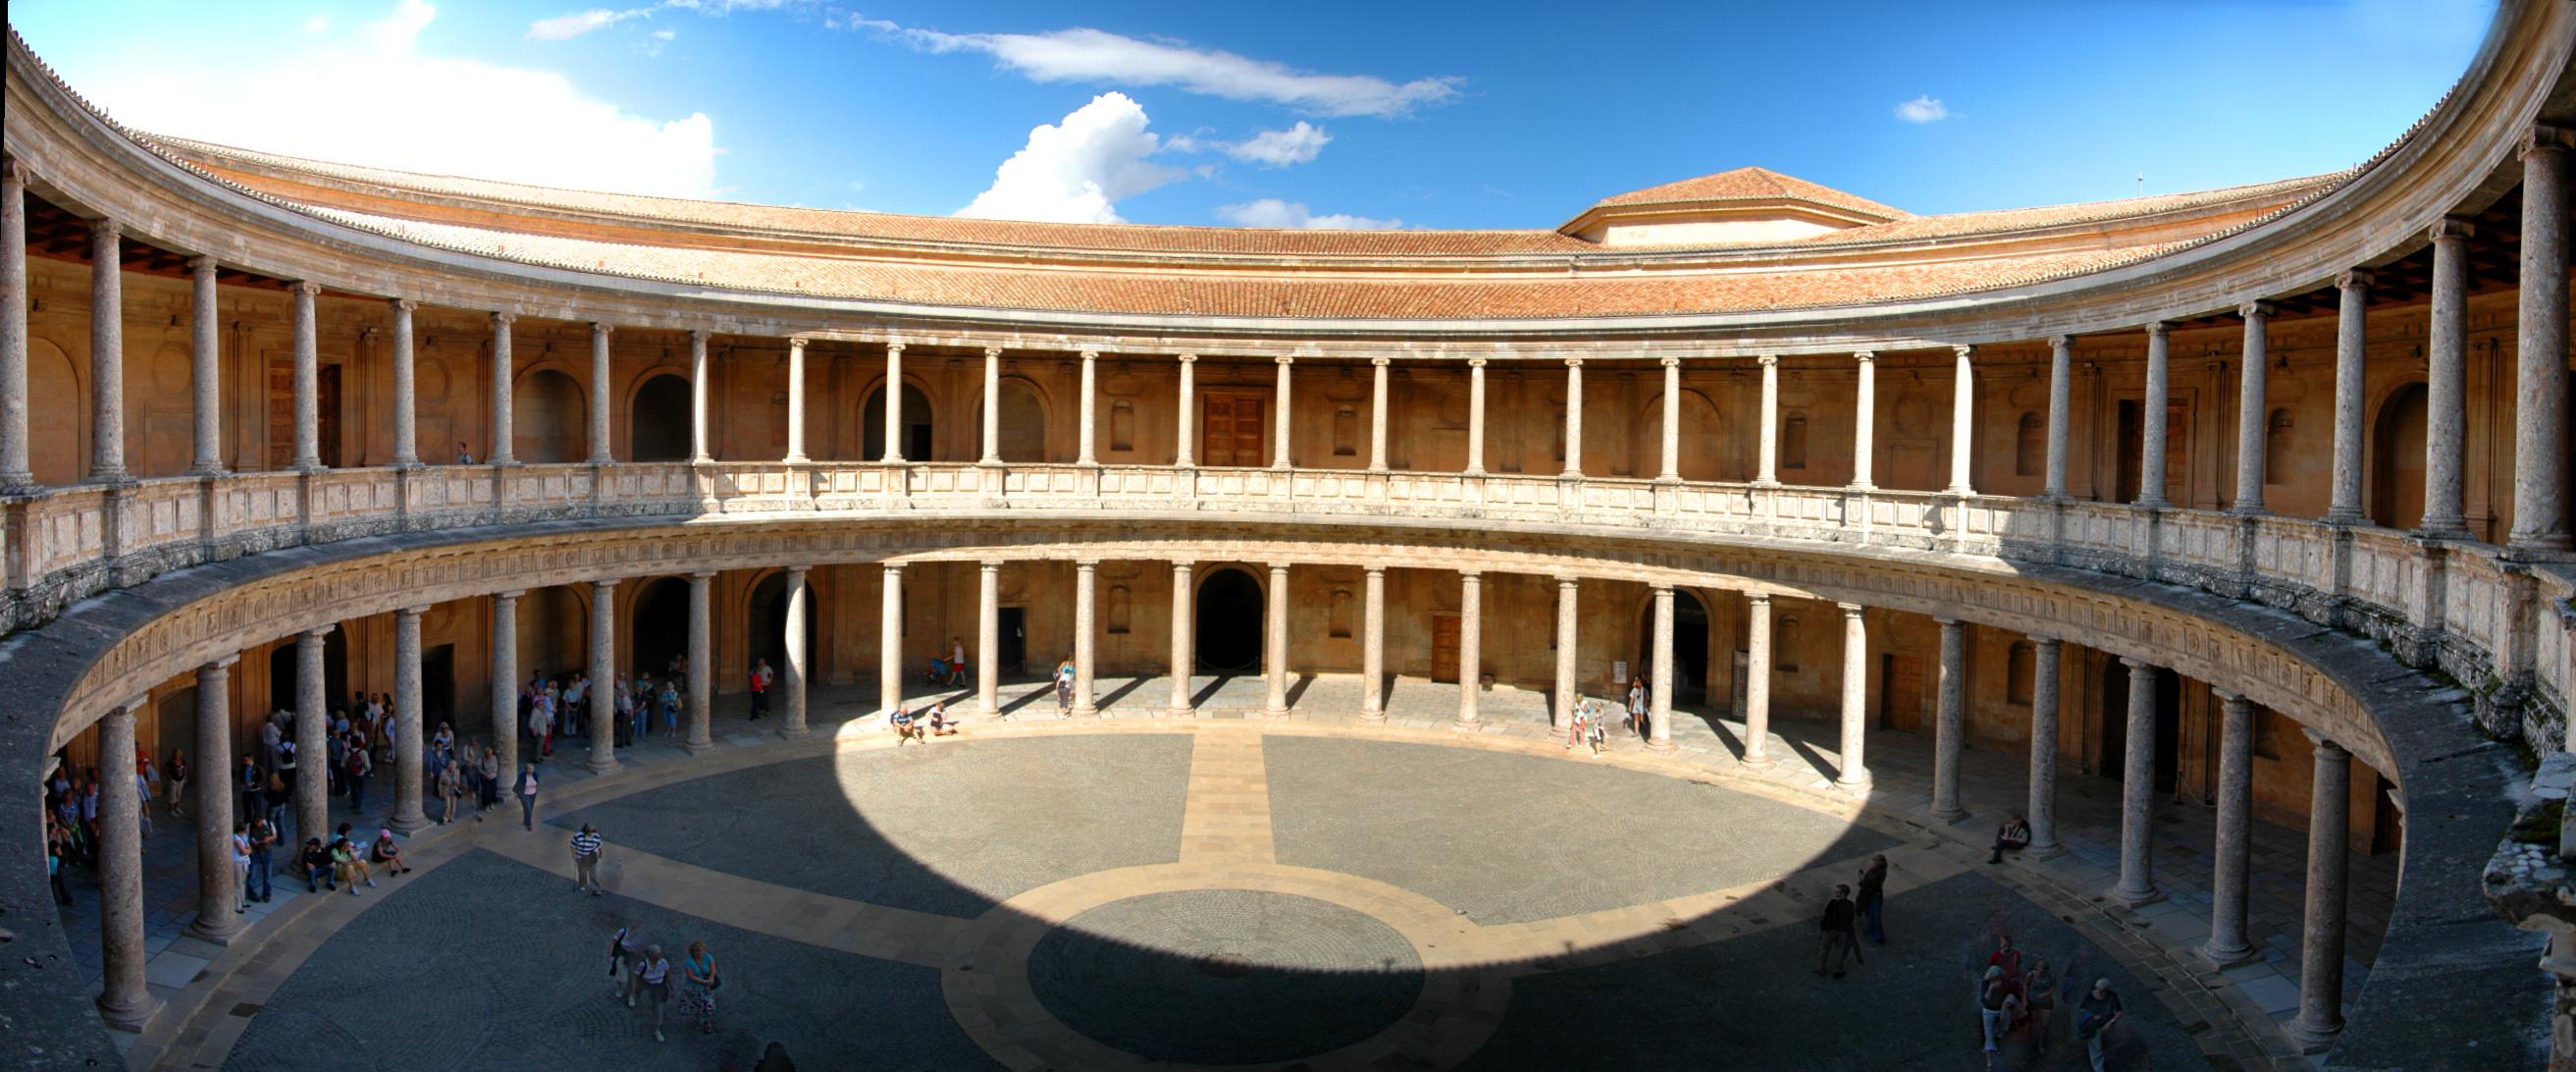 Palacio de Carlos V - Alhambra Granada